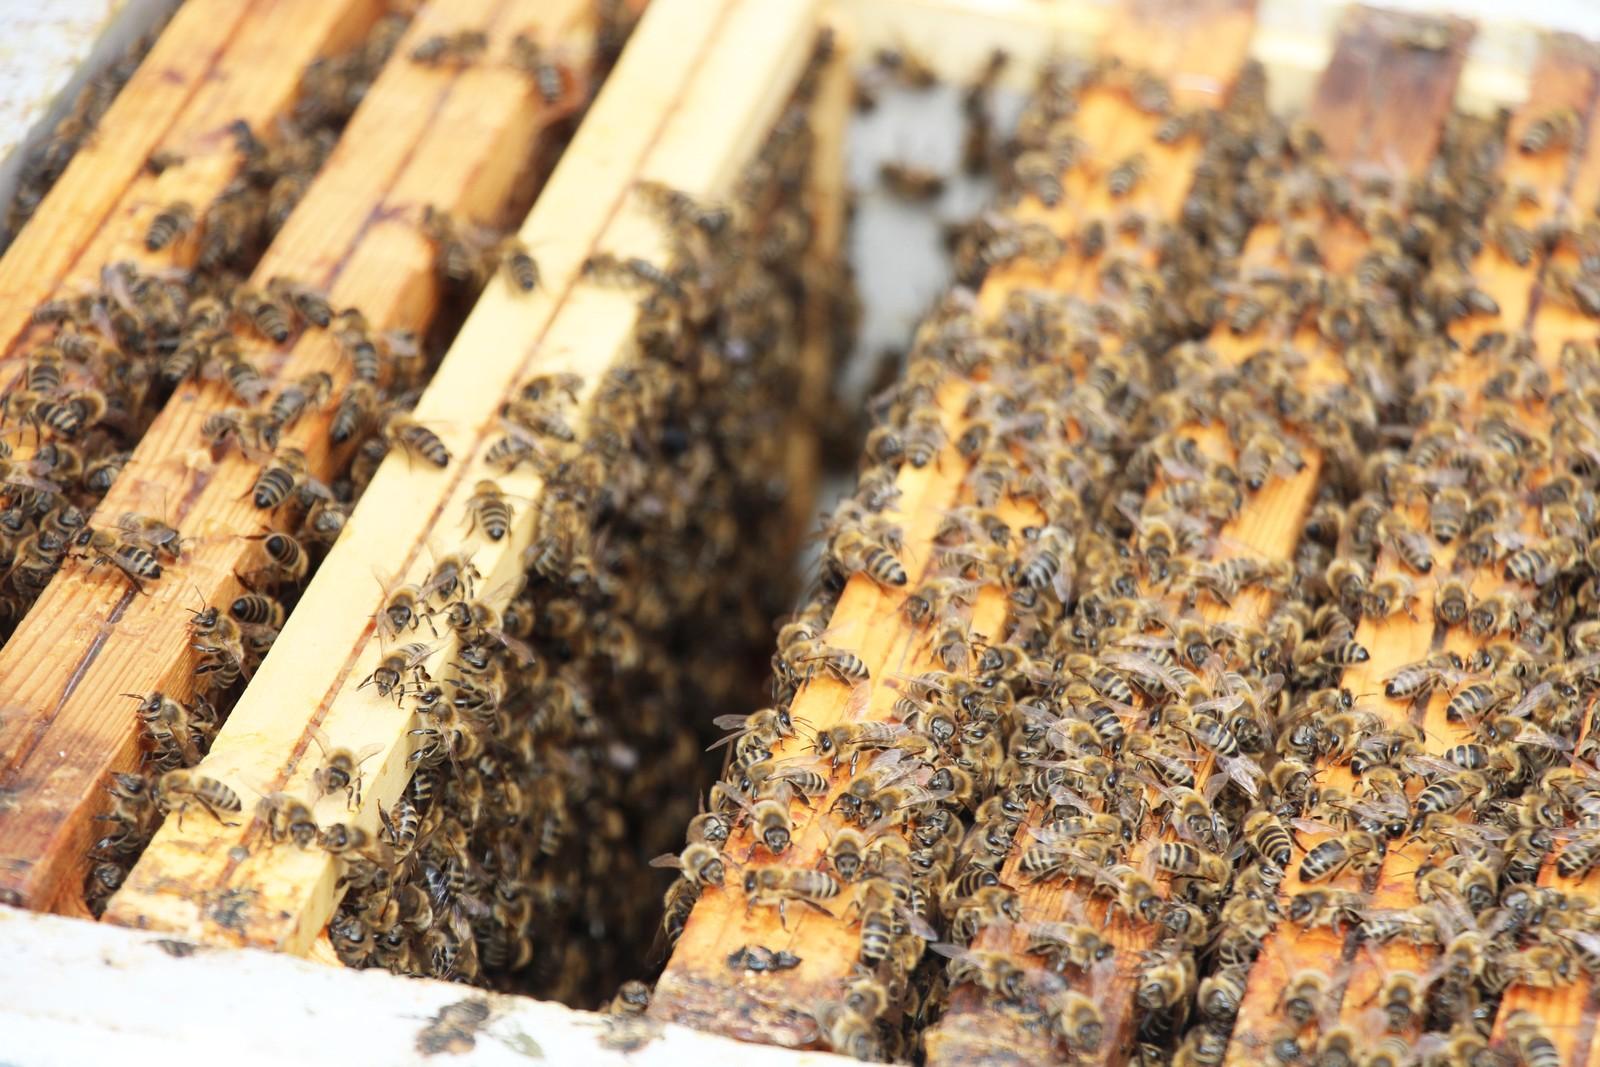 På taket har han to store bikuber som er designet av Snøhetta pluss fire standard norske bi-kasser. Han får 250 kilo honning i året av biene han har på Mathallen-taket. I tillegg har han kasser stående på svigerfamiliens gård.